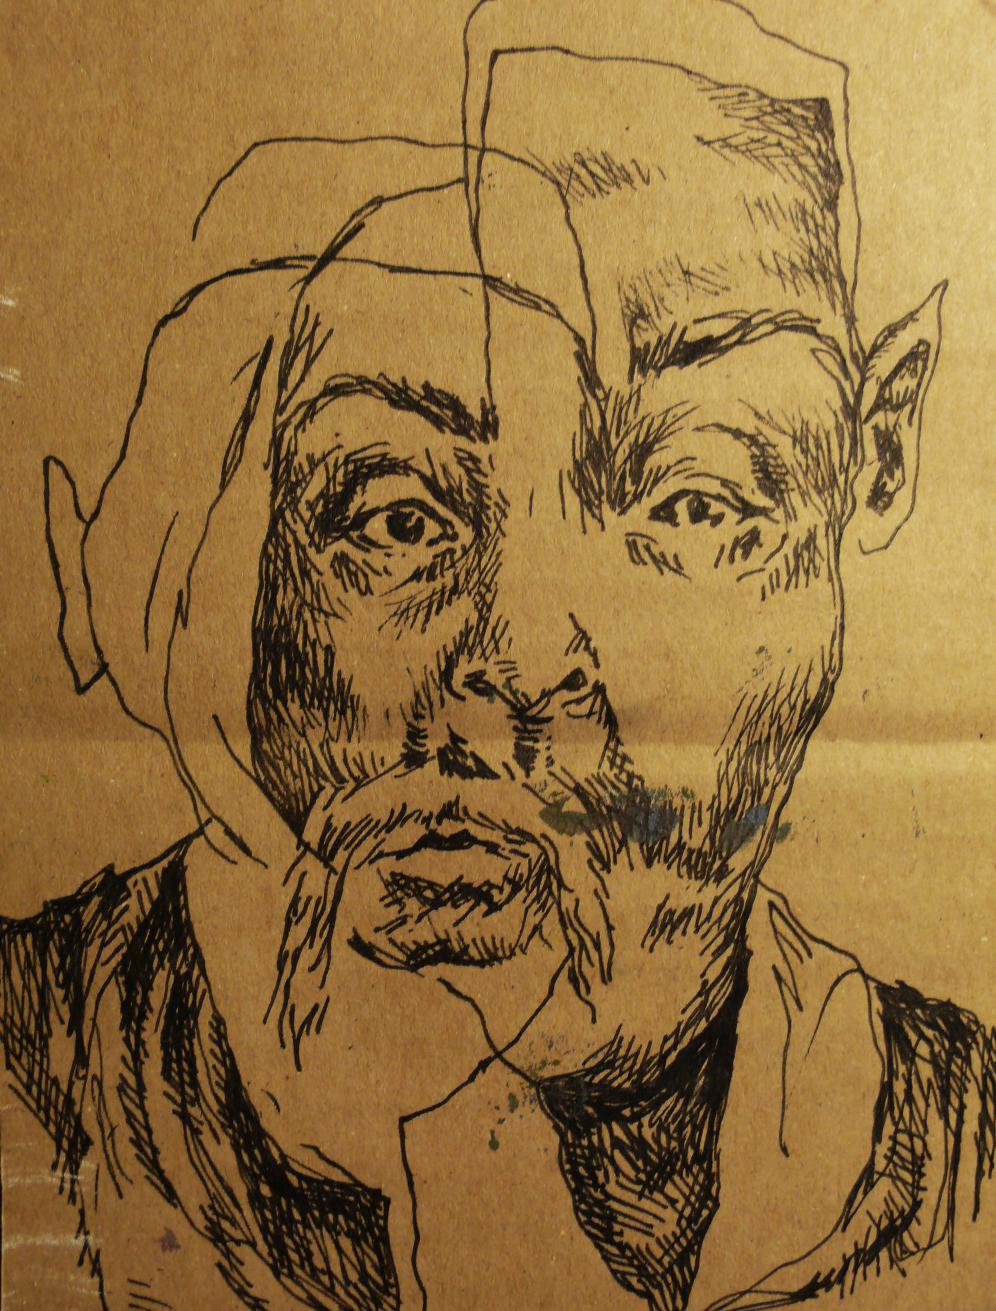 Cardboard Grafic, 20 x 15 cm, 2016